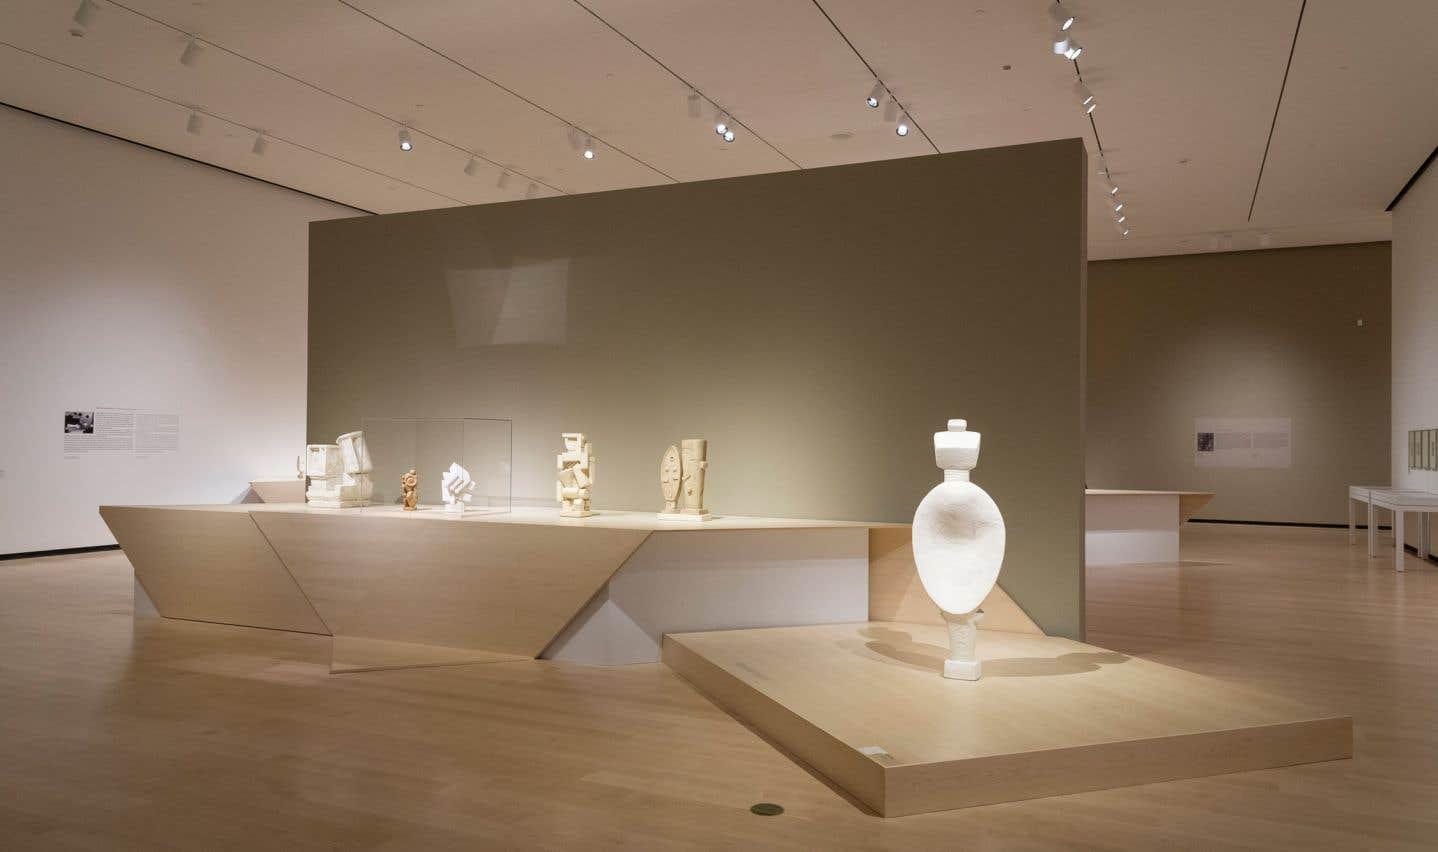 Vue de l'exposition «Alberto Giacometti», présentée au Musée national des beaux-arts du Québec, du 8 février au 13 mai